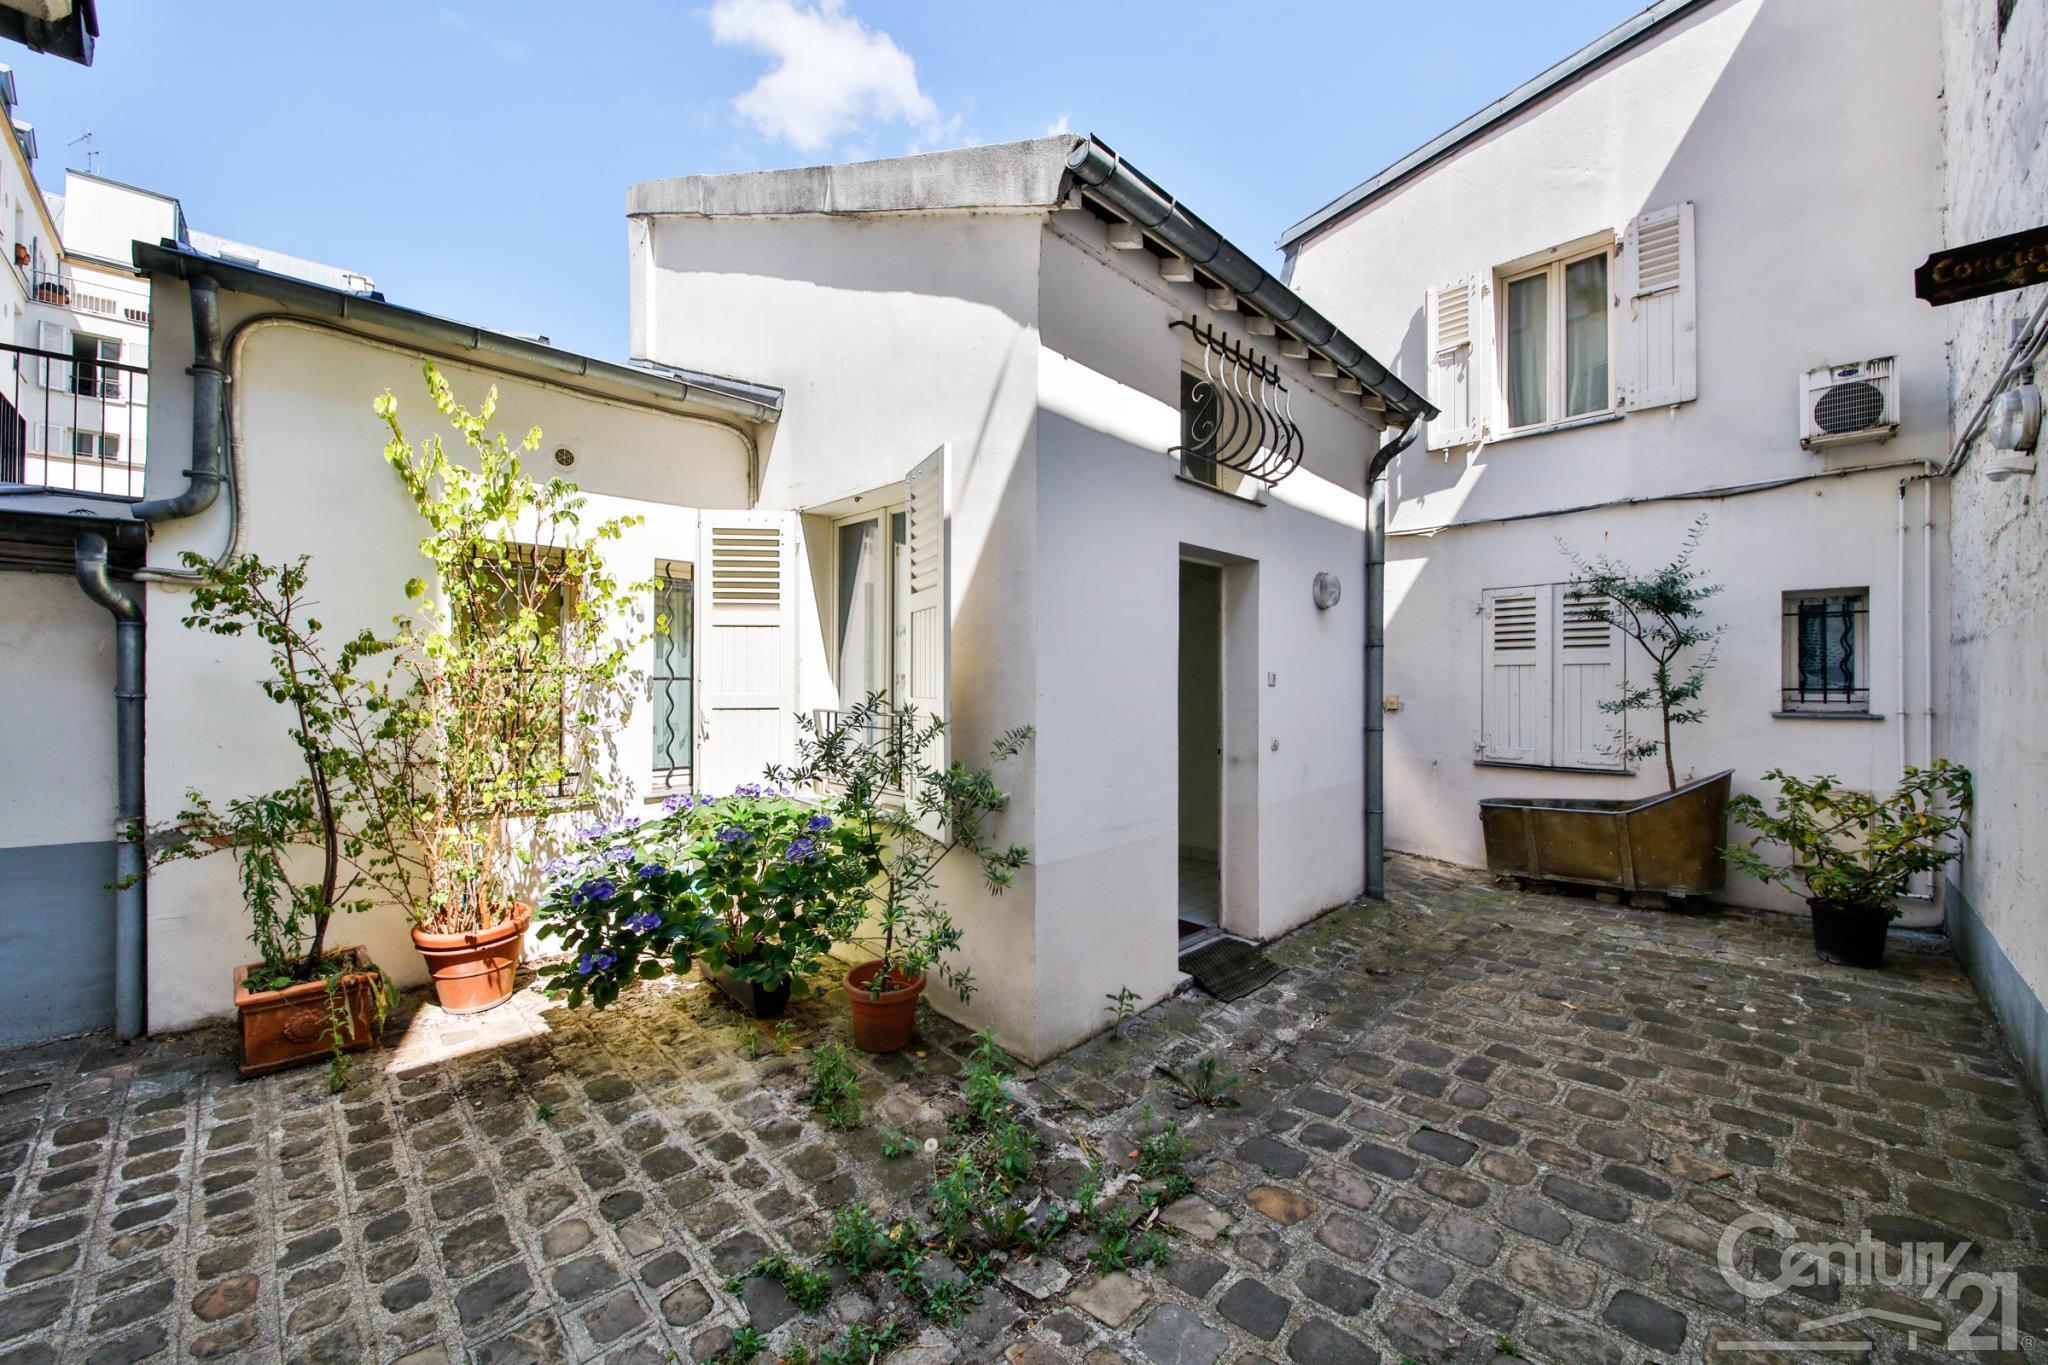 Maison architecte ile de france excellent duoeuvre m for Architecte ile de france